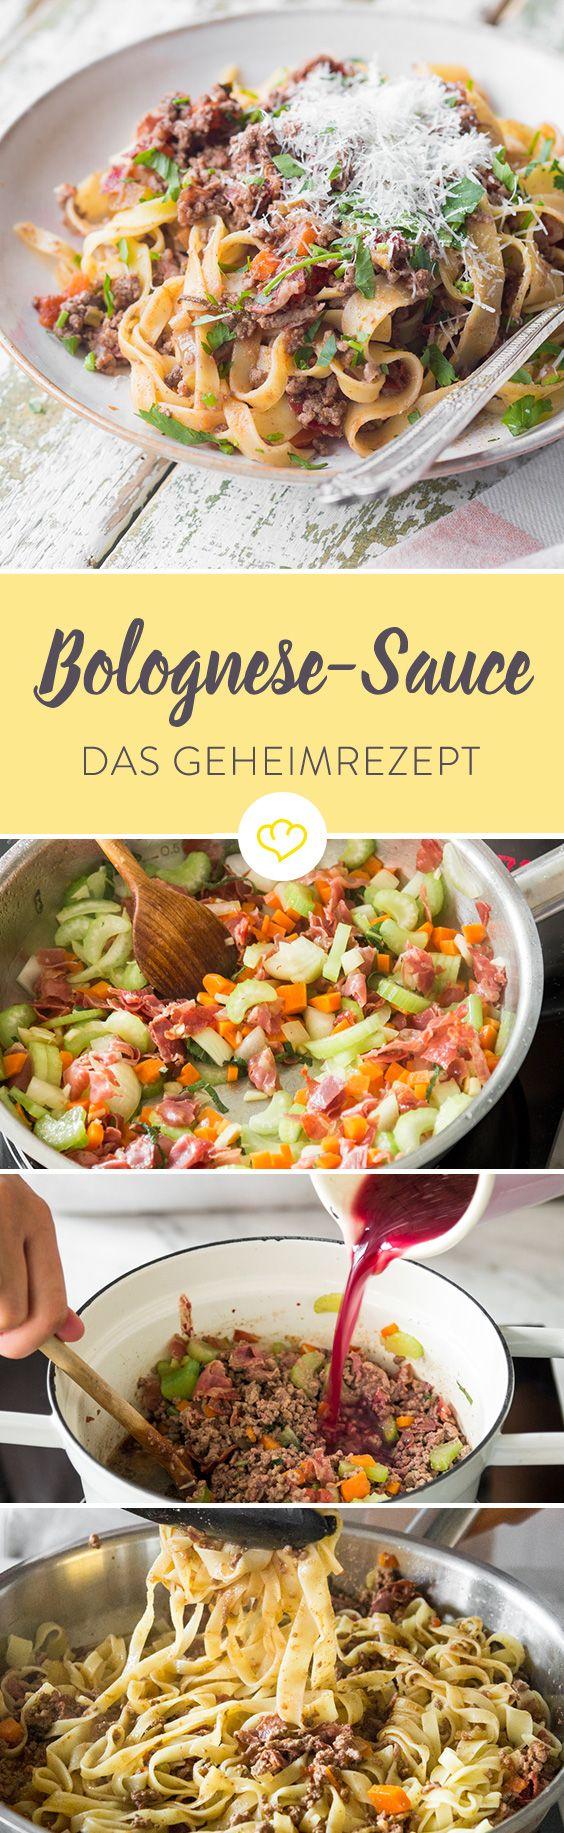 Bolognese Sauce ganz einfach und schnell selber machen #bolognesesauce